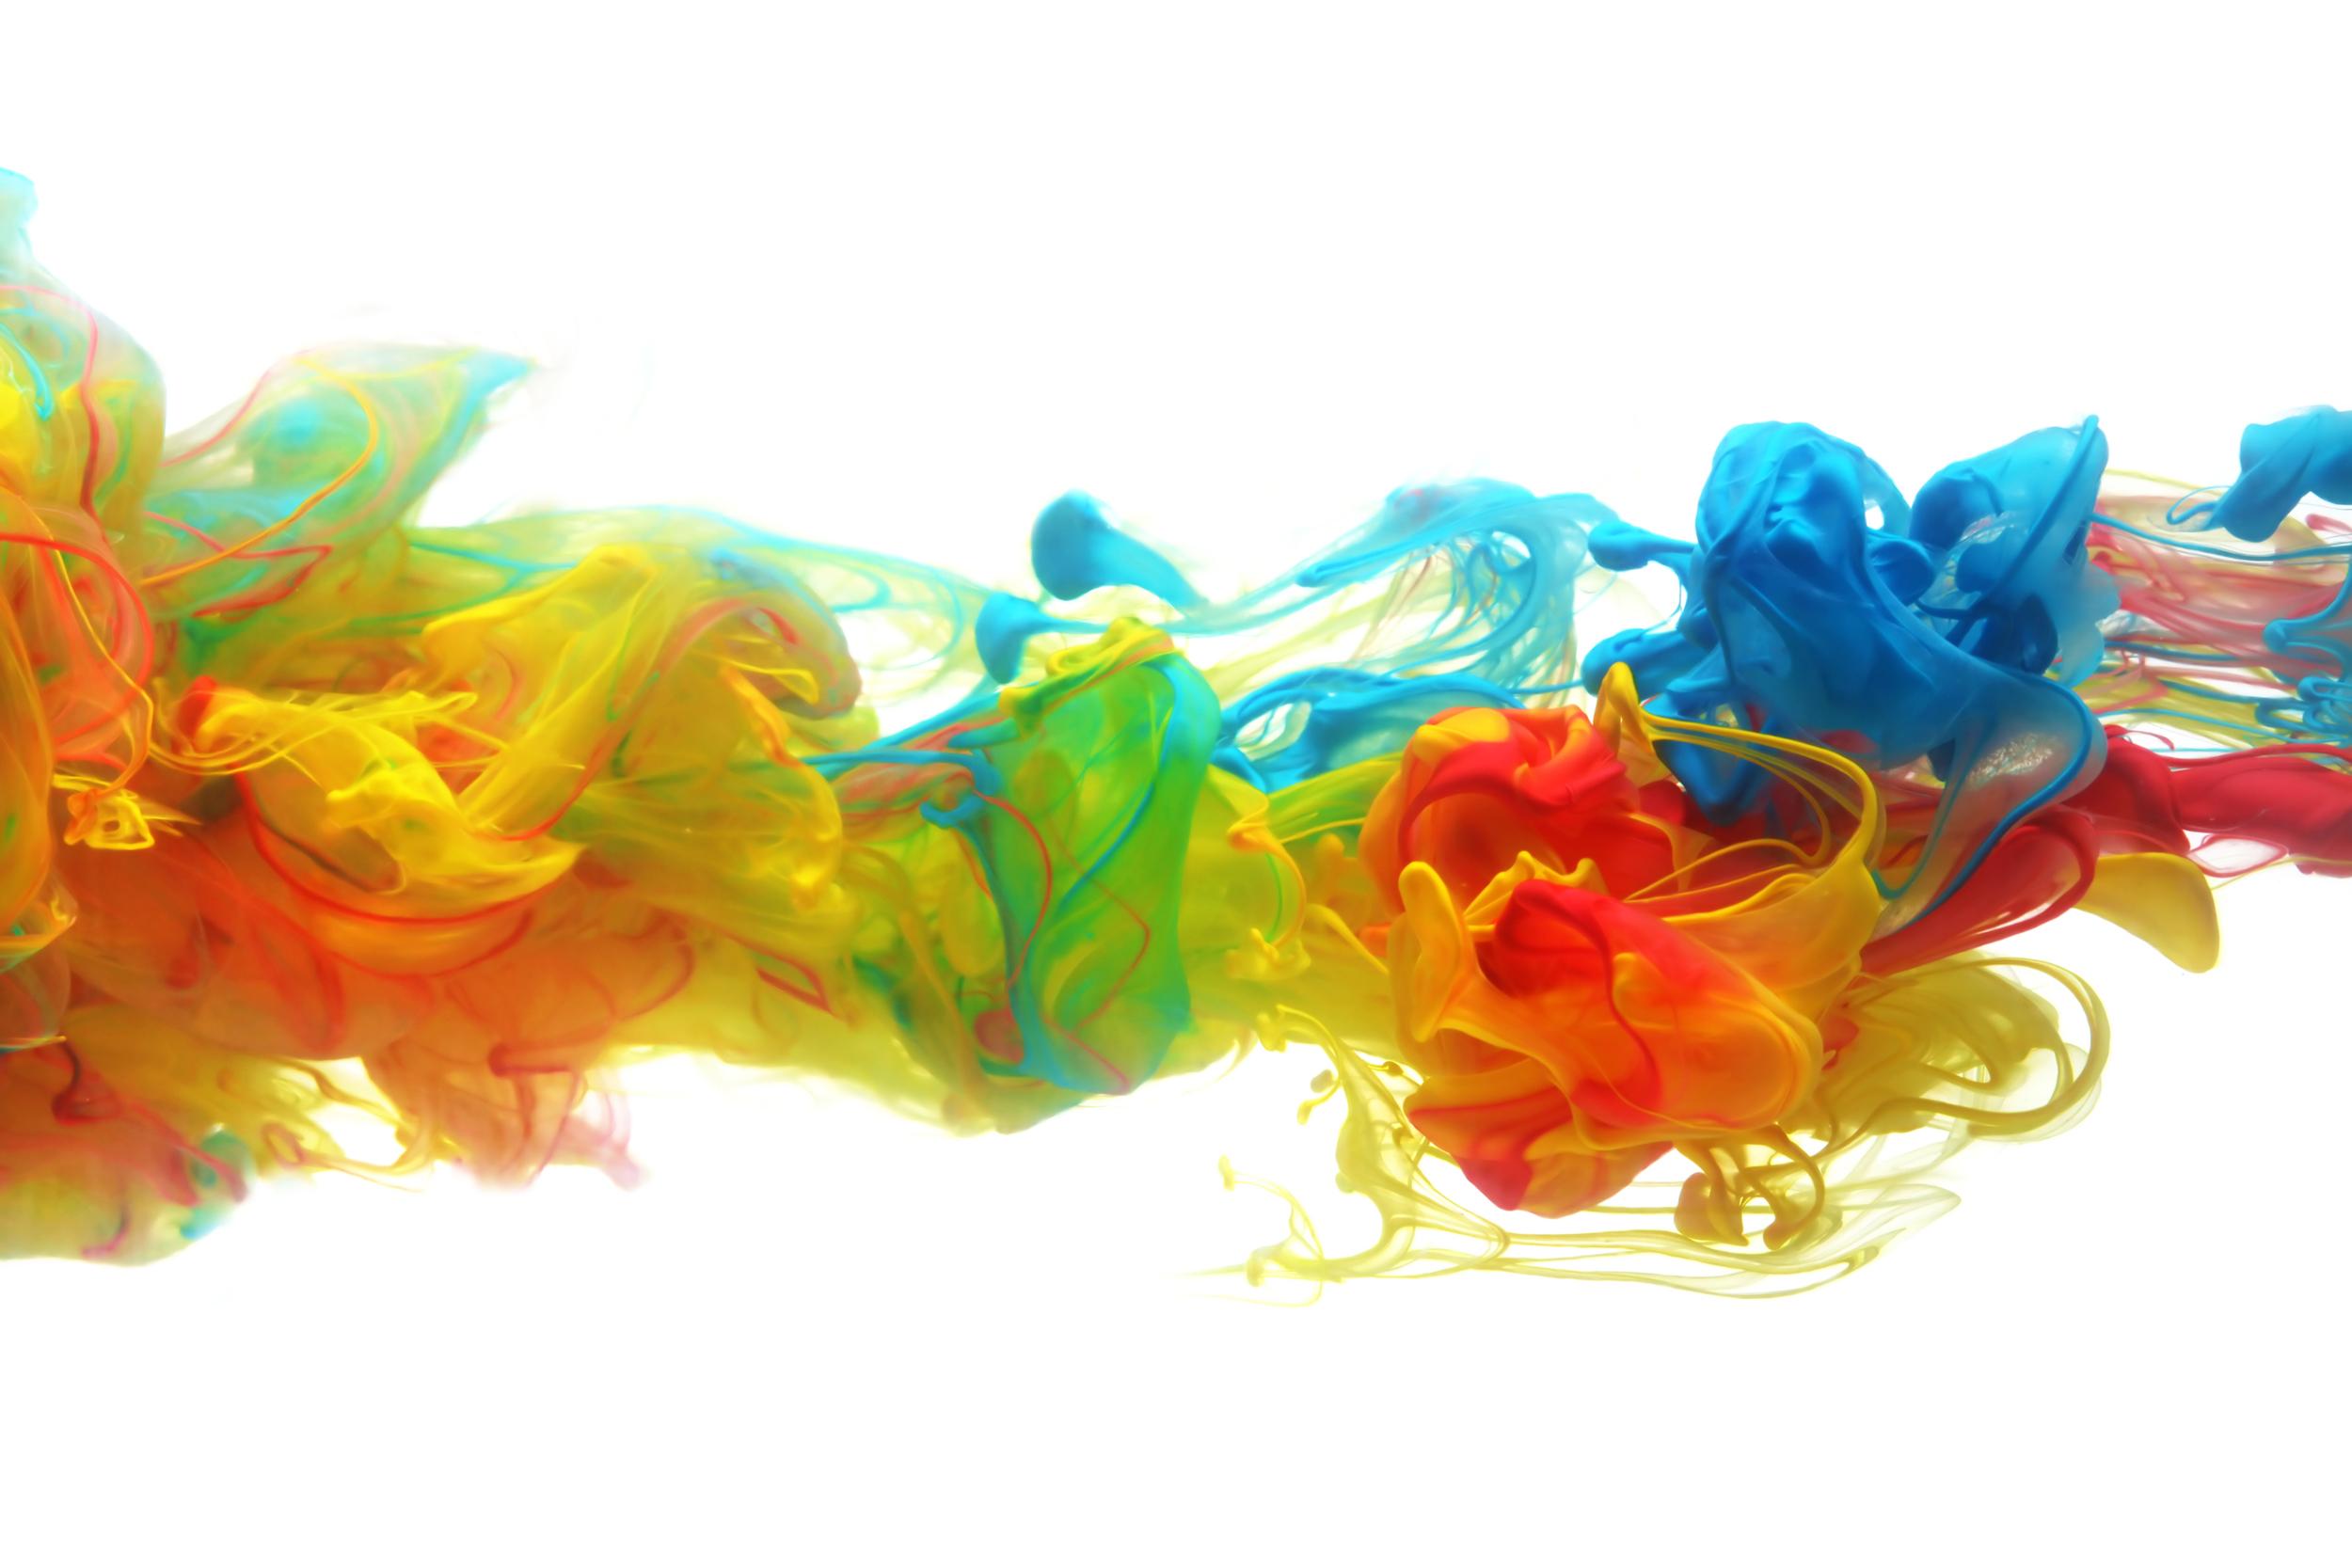 اصول بکارگیری رنگ در دکوراسیون و تاثیر آن در محیط